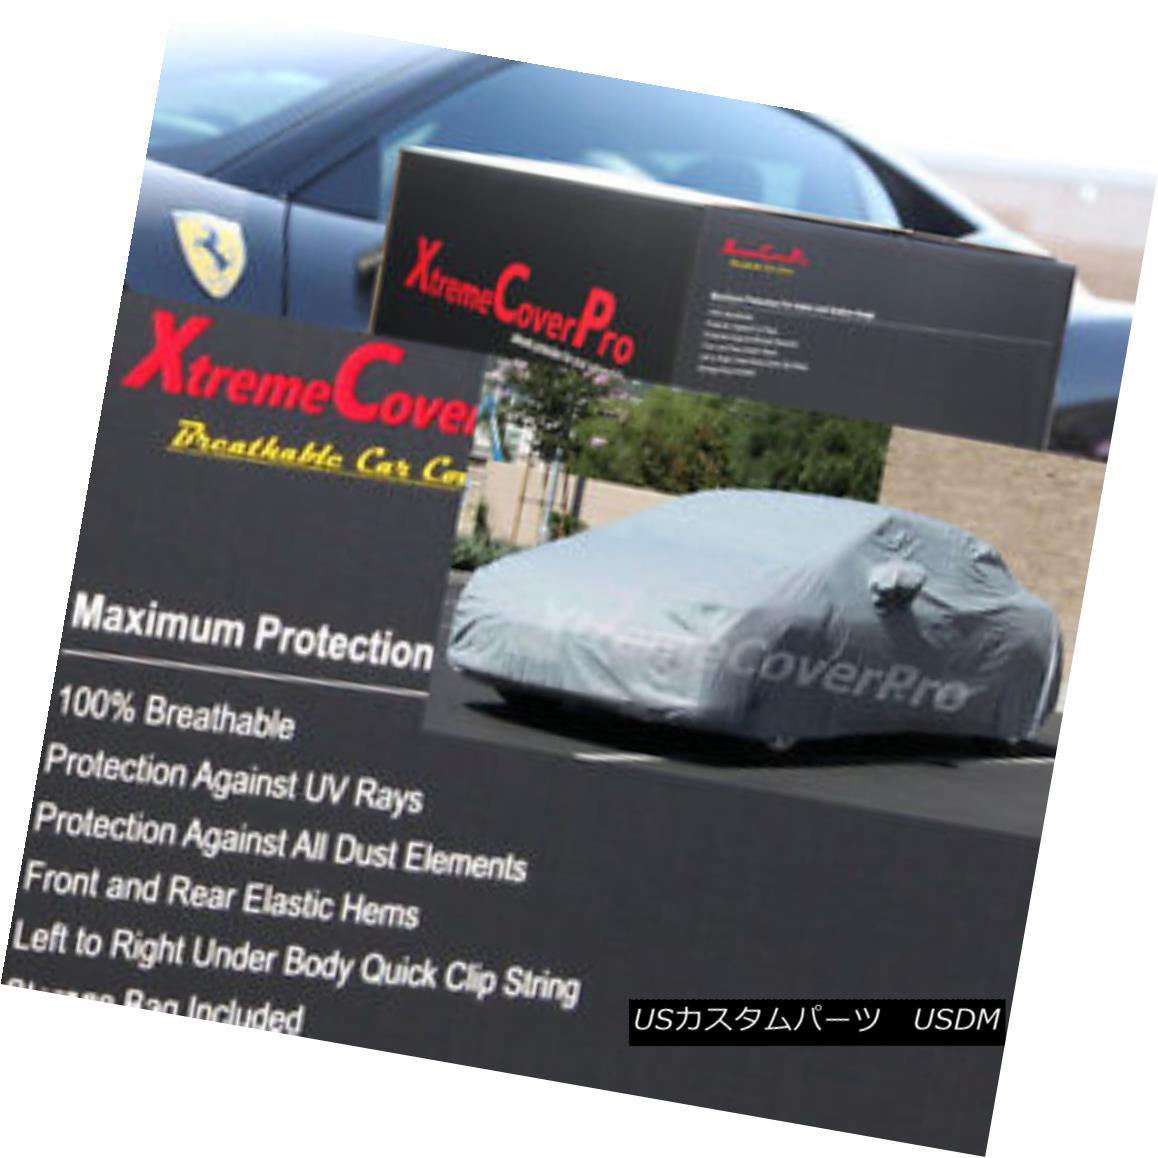 カーカバー 2002 2003 2004 2005 2006 Mitsubishi Lancer Breathable Car Cover w/MirrorPocket 2002年2003年2004年2005年2006年MirrorPocket付き三菱ランサー通気性車カバー